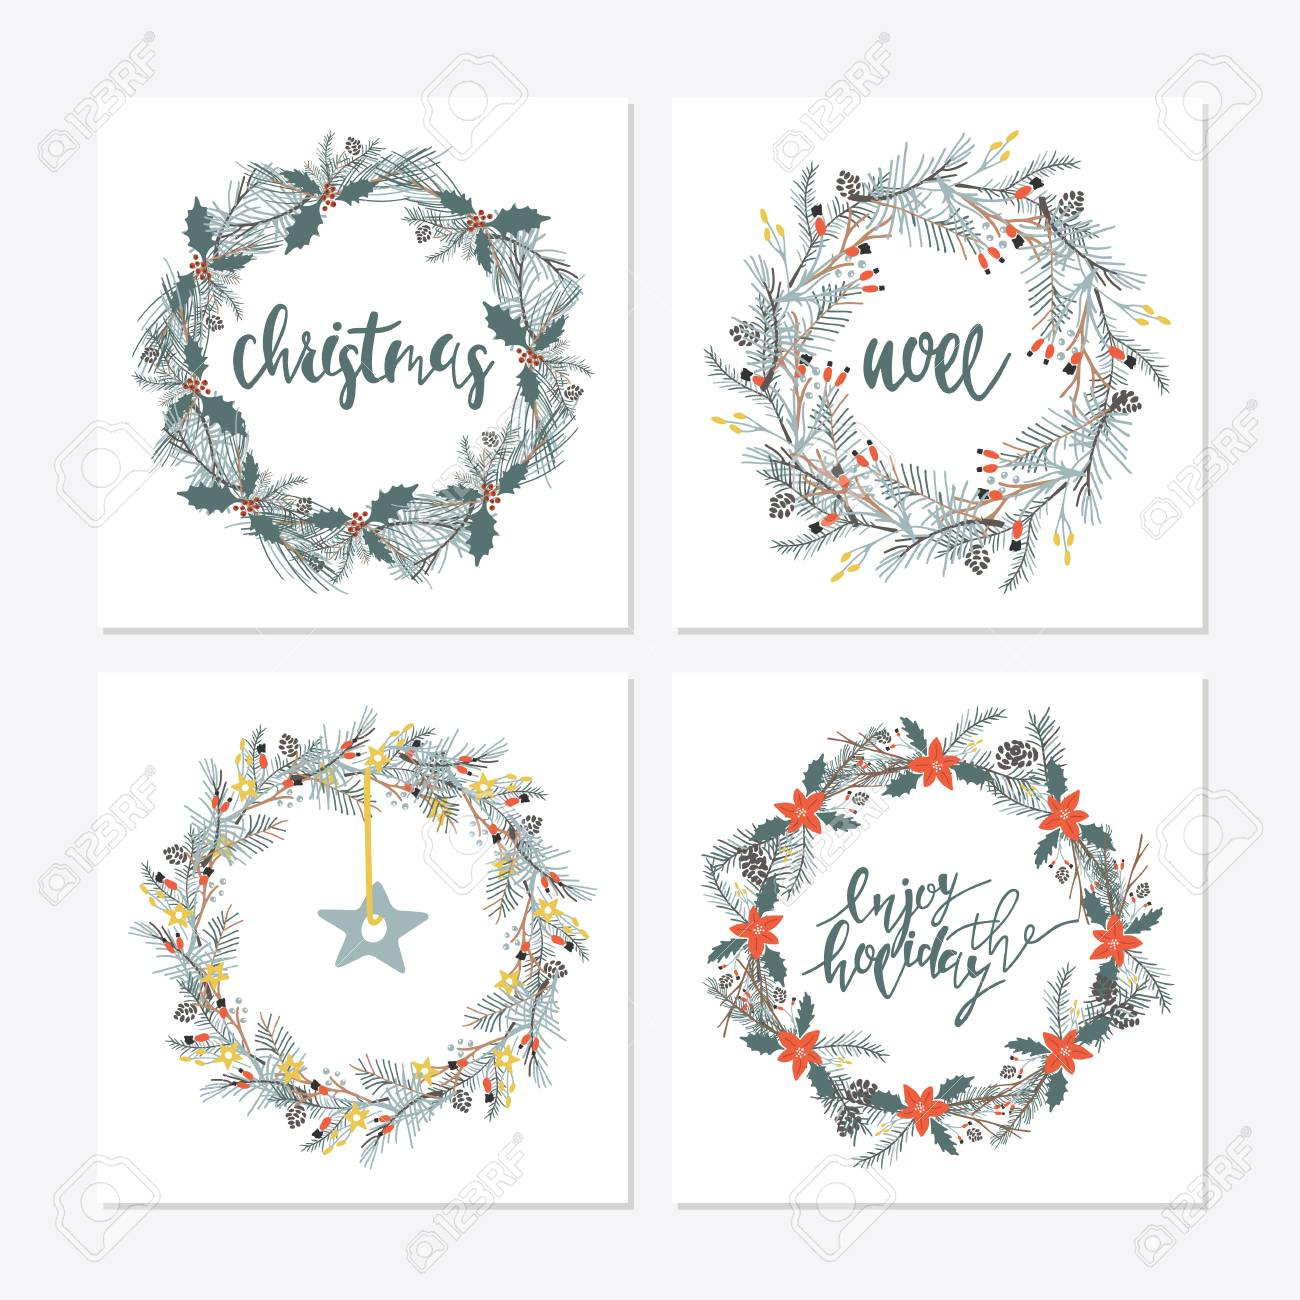 Frases De Letras Caligráficas Elegantes Com Grinaldas Grande Coleção De Mão Escrita Frases De Natal E Citações